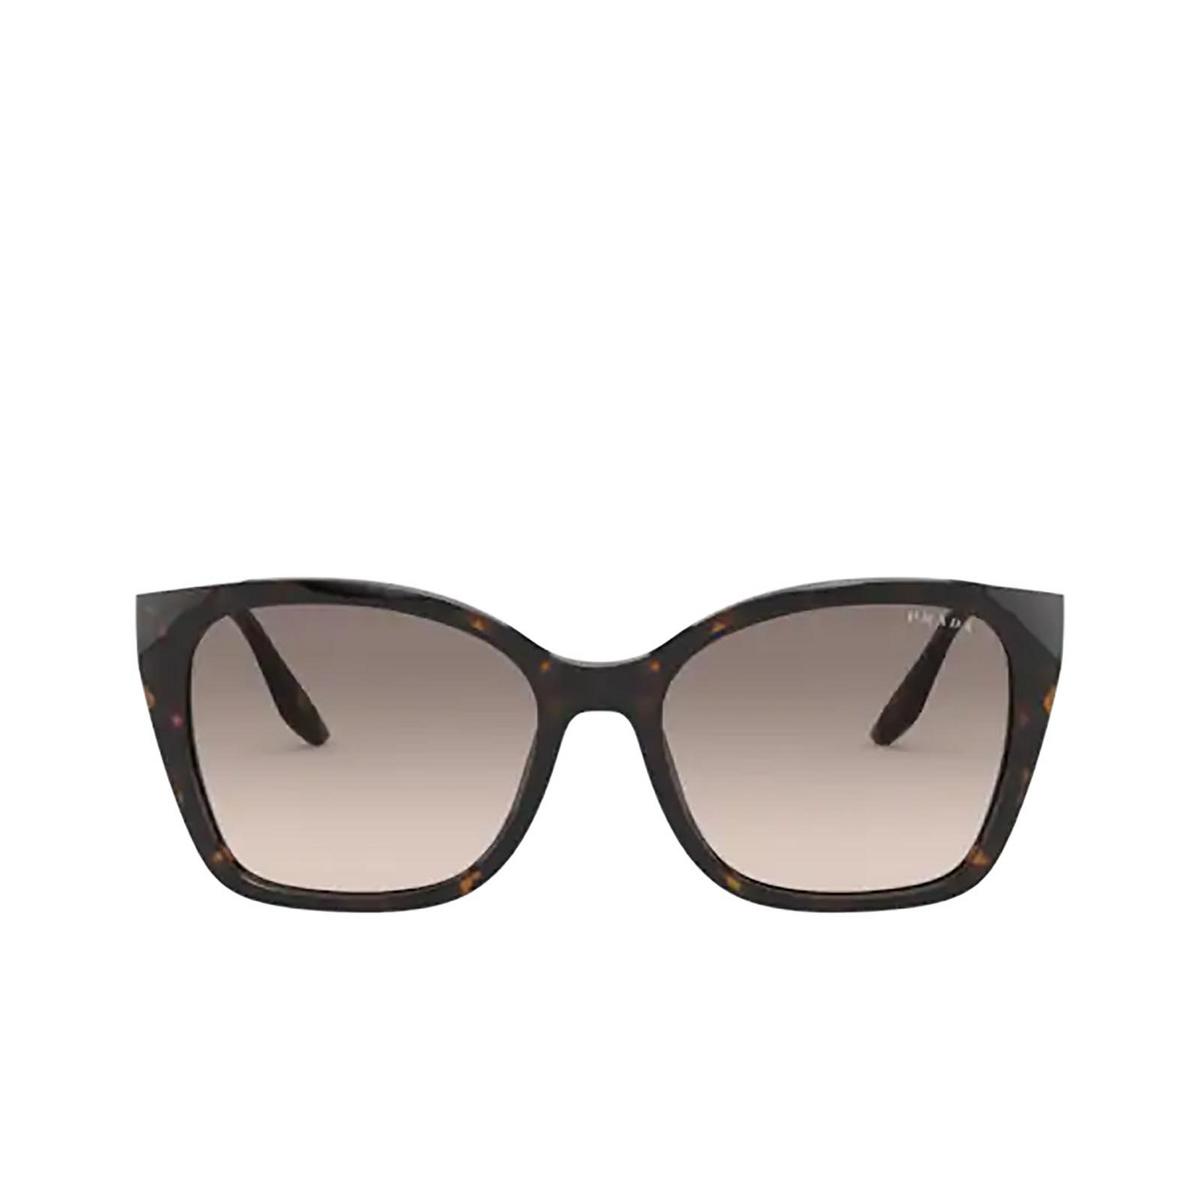 Prada® Cat-eye Sunglasses: PR 12XS color Havana 2AU3D0 - front view.